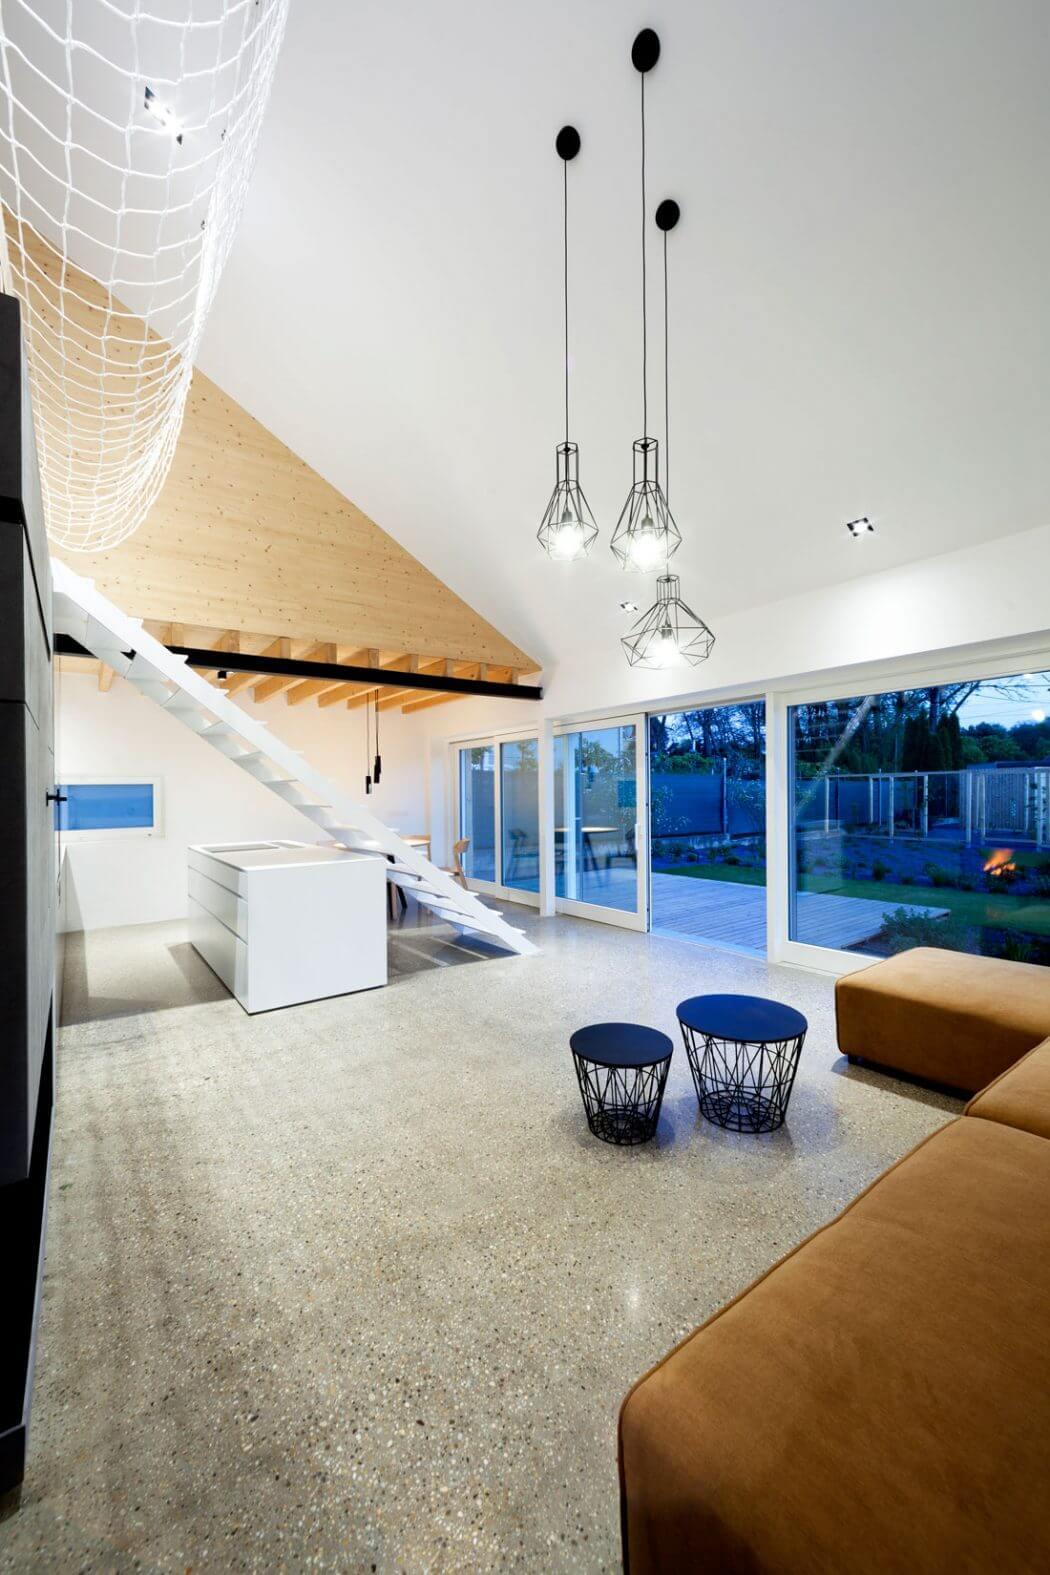 009-residence-vek-ercel-vec-design-1050x1575